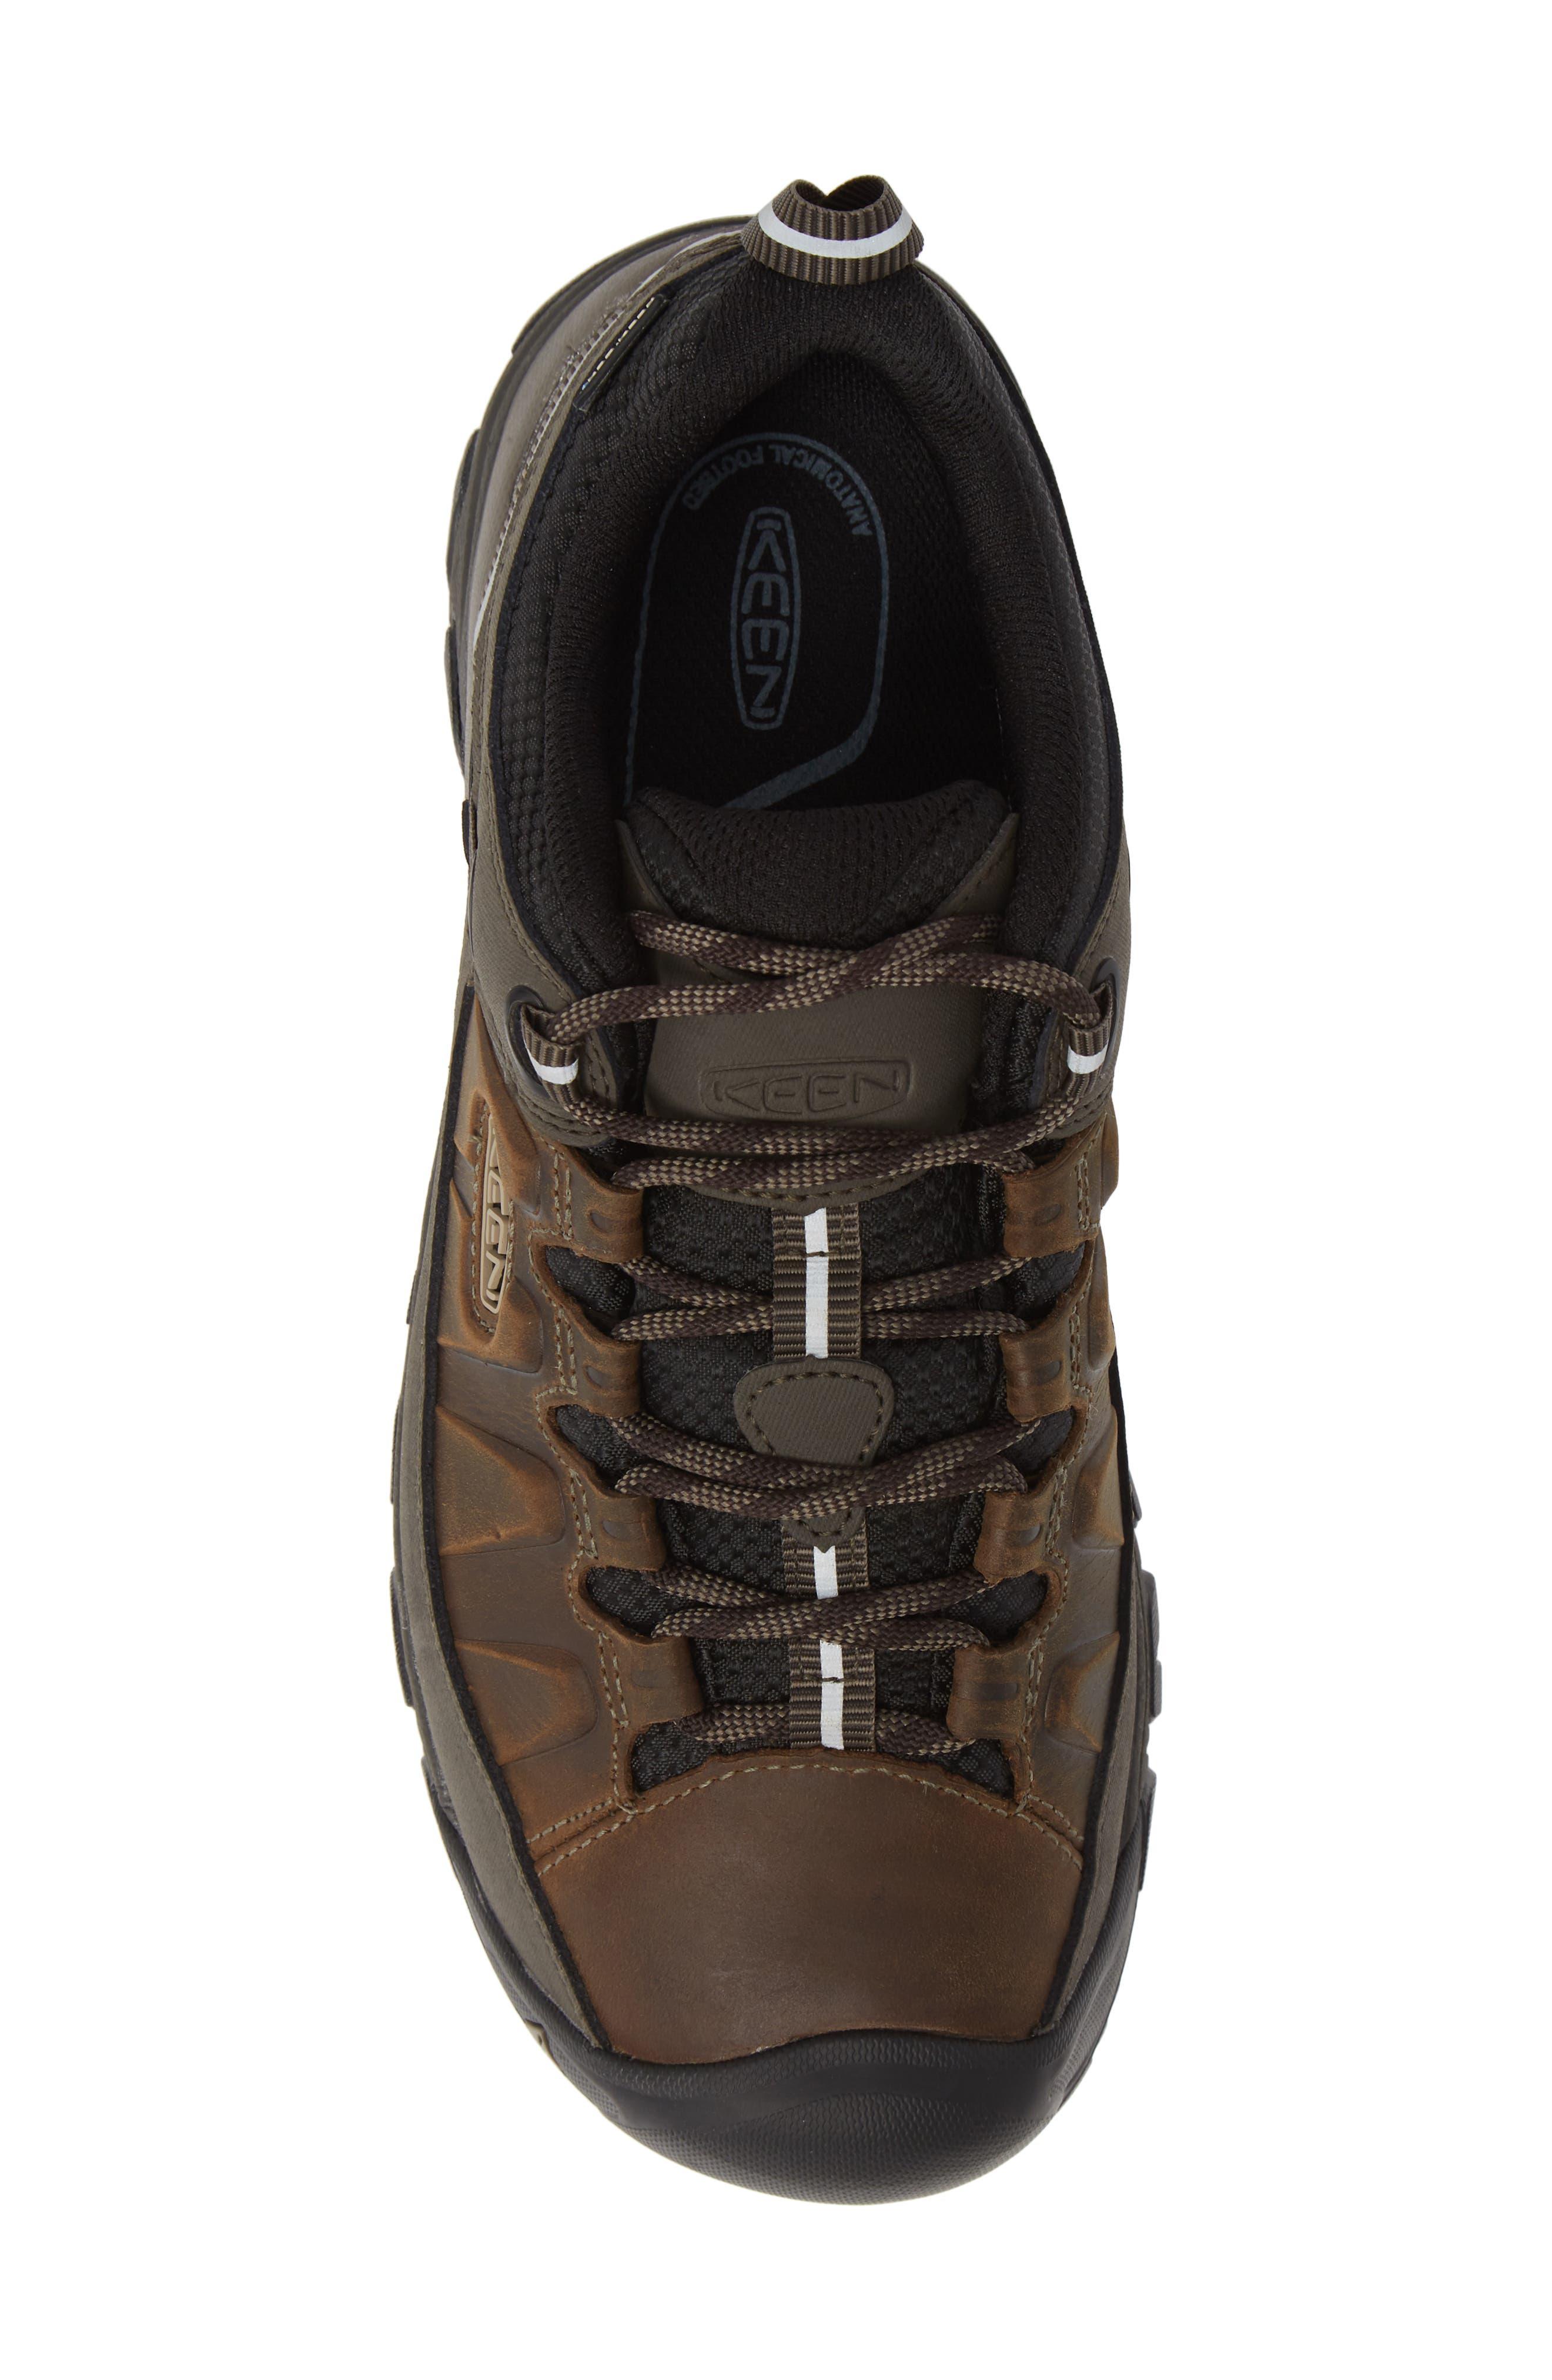 Targhee III Waterproof Wide Hiking Shoe,                             Alternate thumbnail 5, color,                             BUNGEE CORD/ BLACK